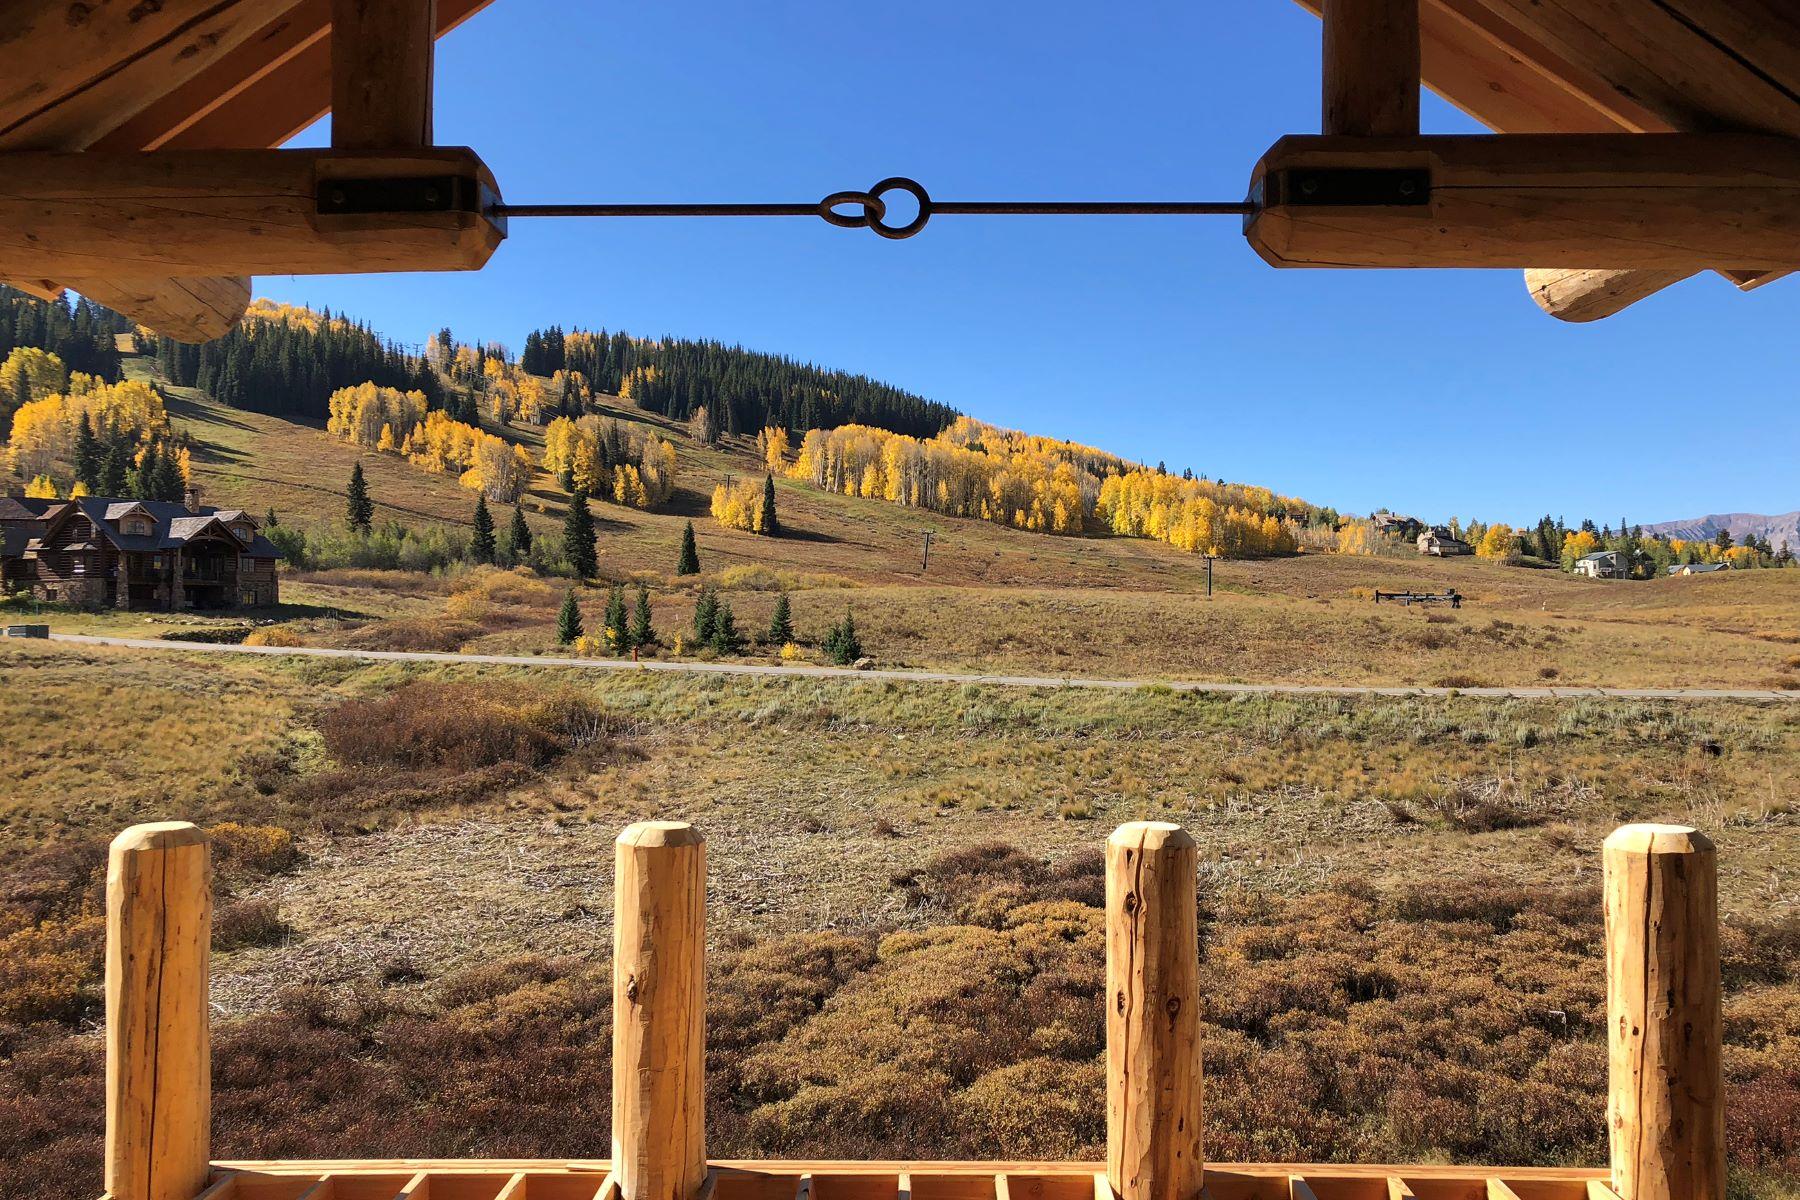 Casa Unifamiliar por un Venta en Wildhorse at Prospect 14 Appaloosa Road Mount Crested Butte, Colorado 81225 Estados Unidos